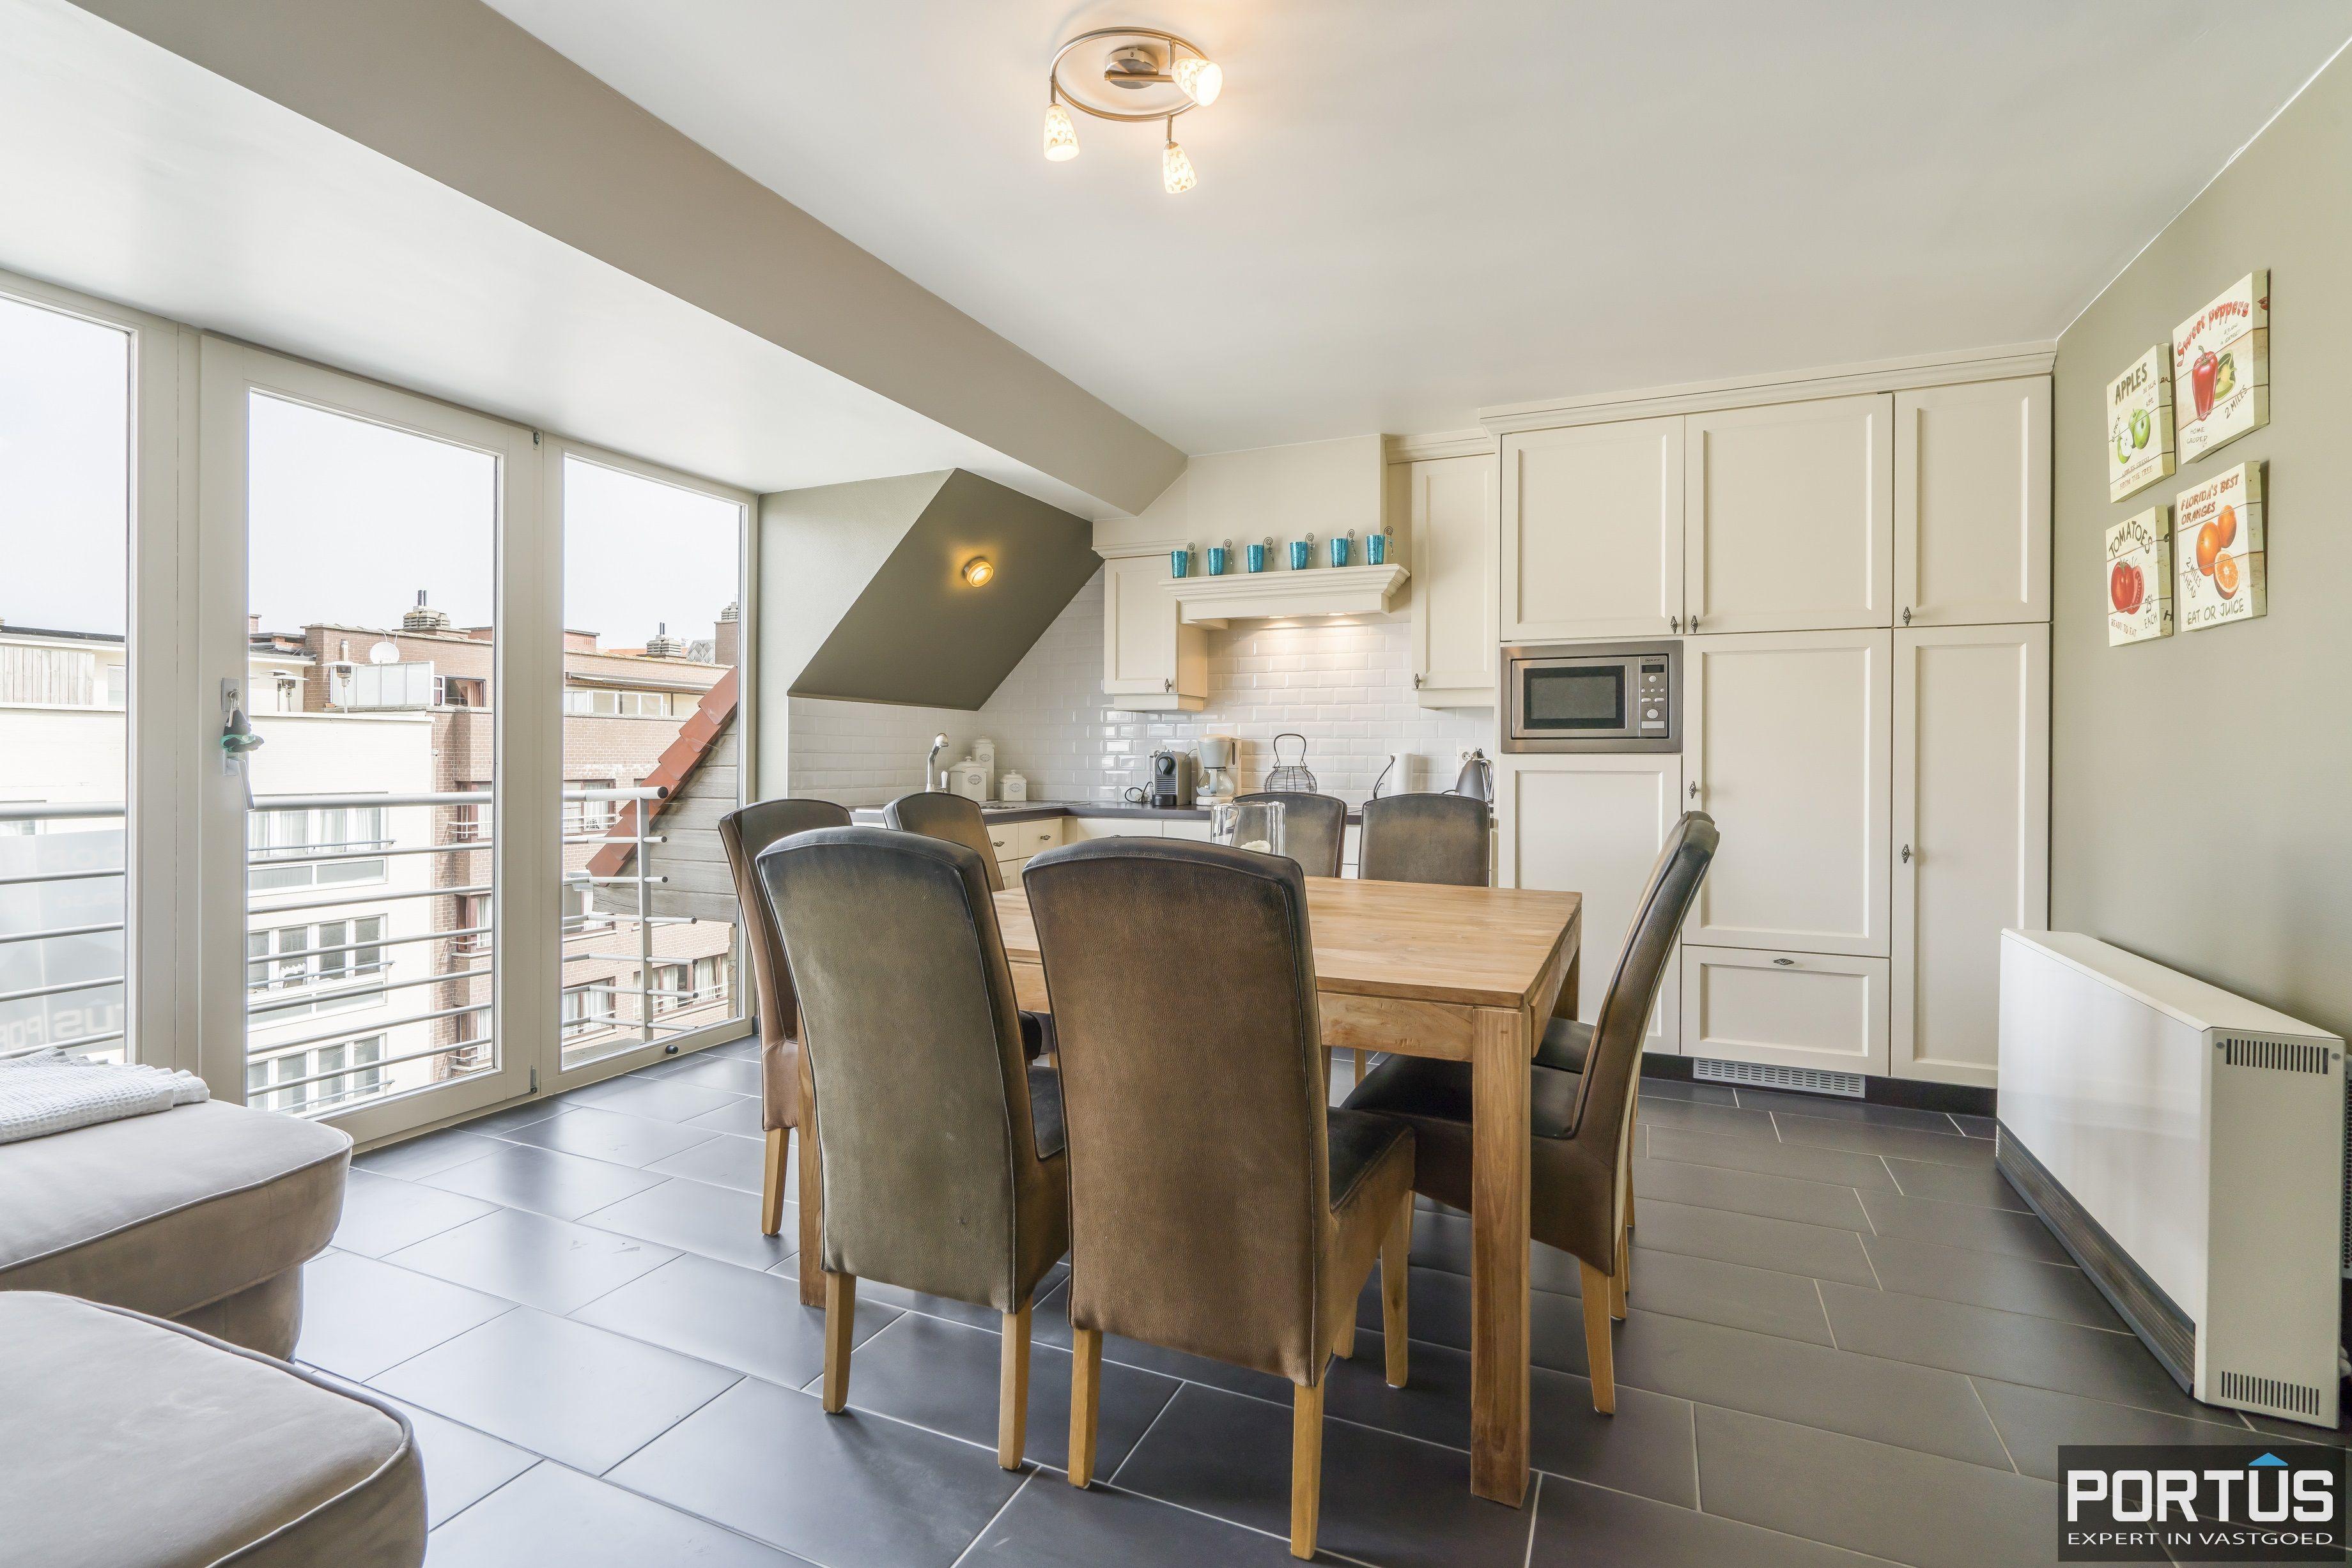 Appartement op wandelafstand van het strand te koop te Nieuwpoort-Bad - 13173